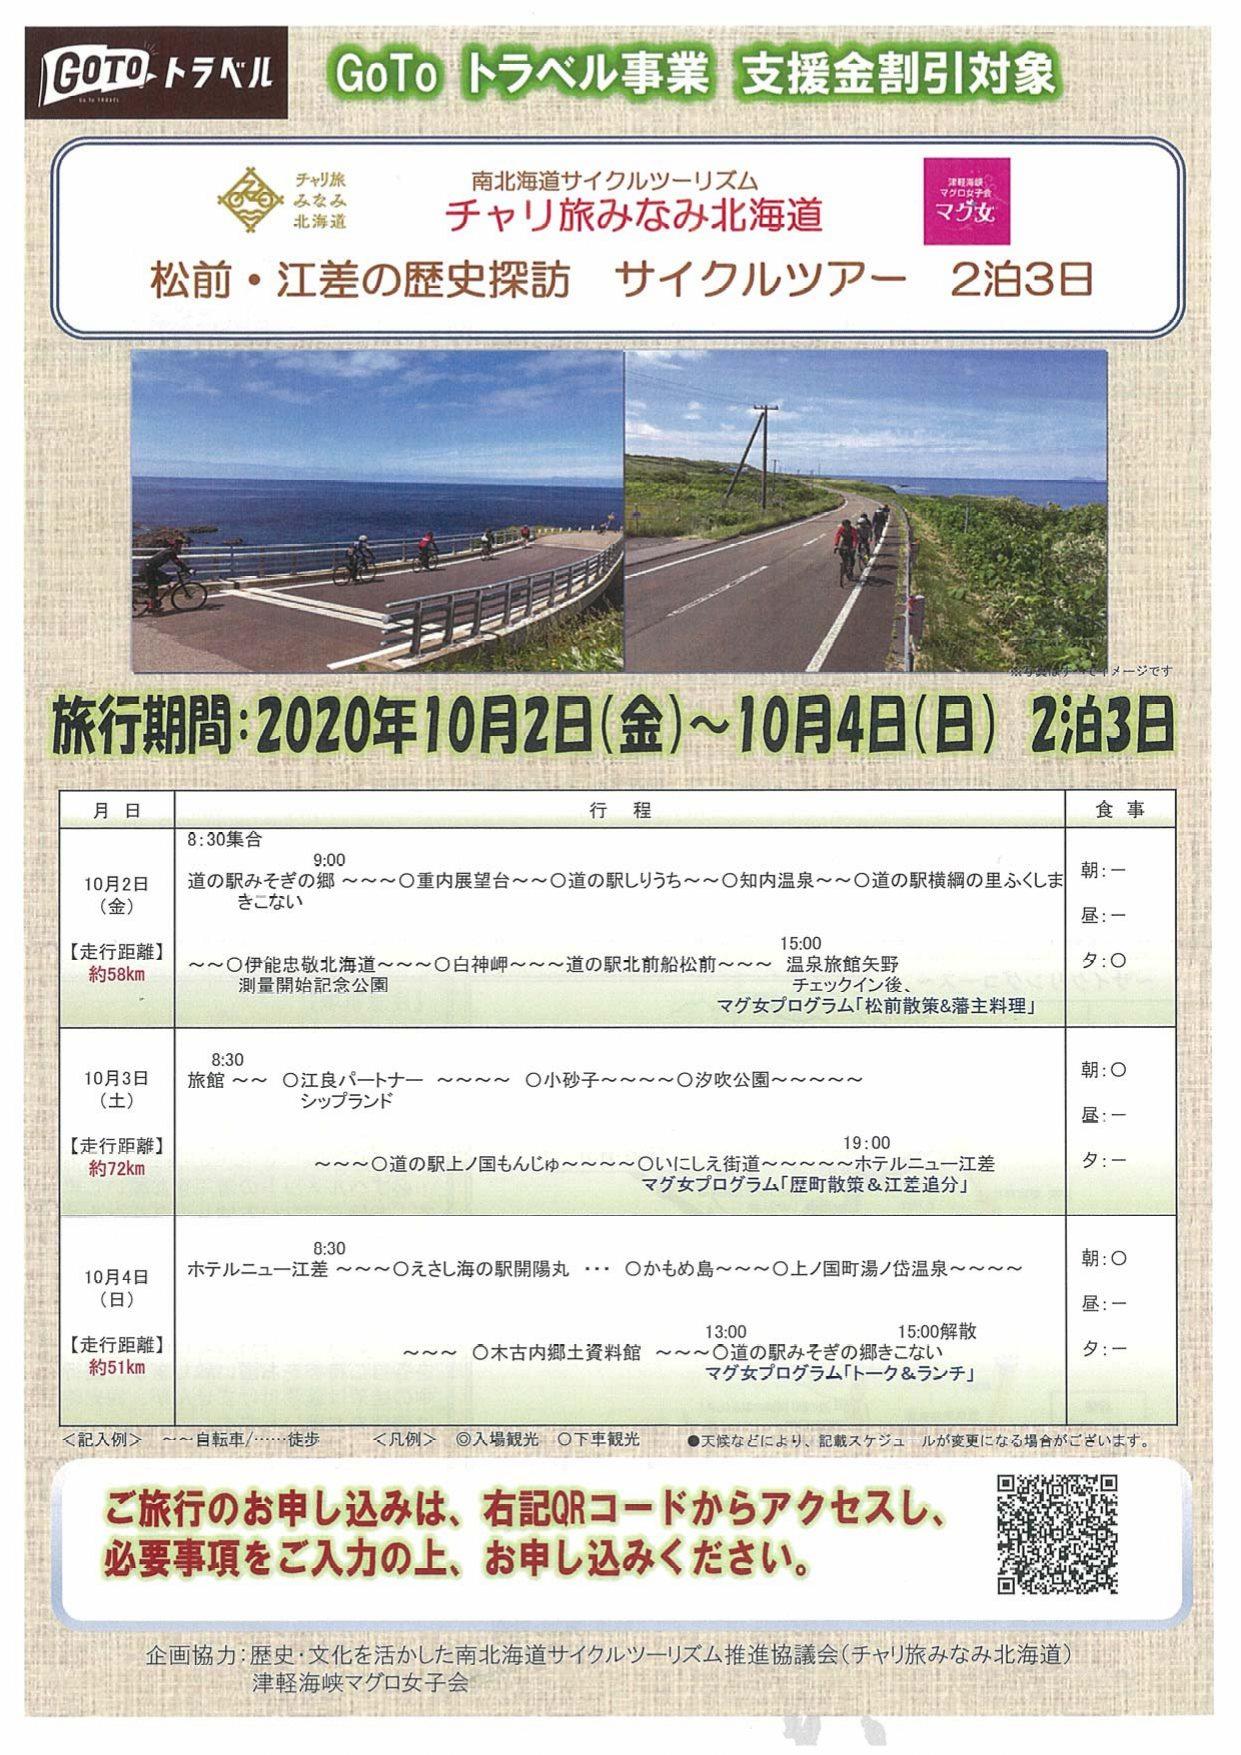 松前・江差の歴史探訪サイクルツアー